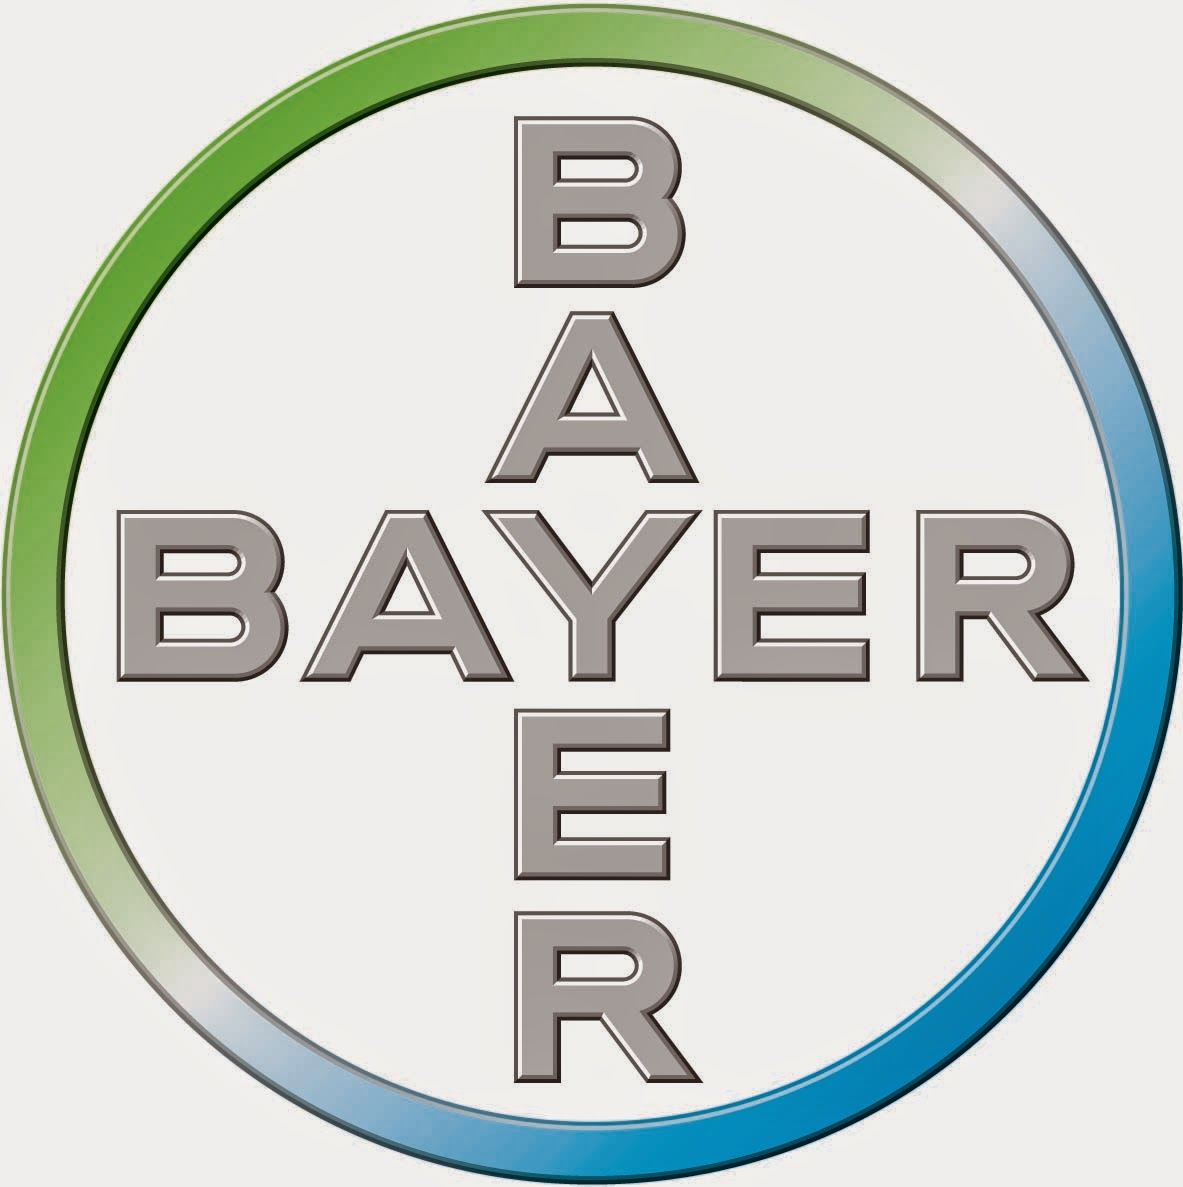 belt expert bayer